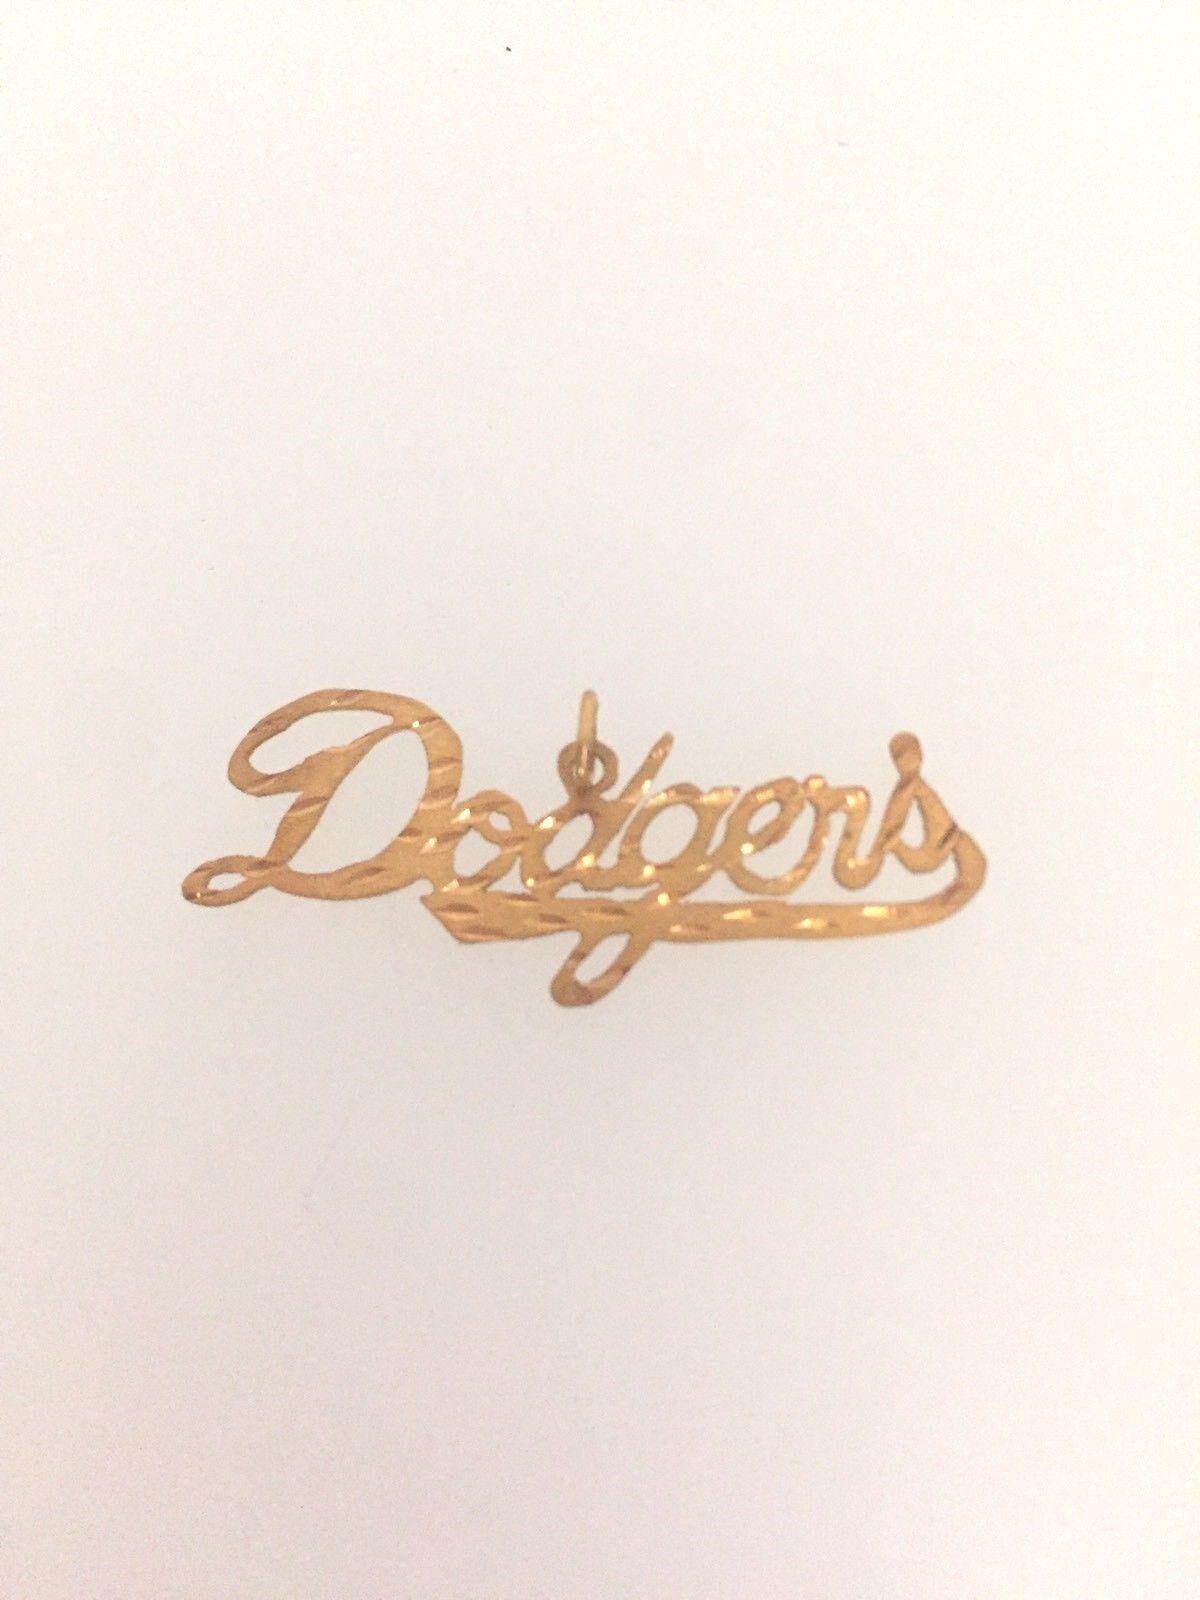 Los Angeles Dodgers Dodgers Dodgers Logo Anhänger 14k GelbGold 8fae89